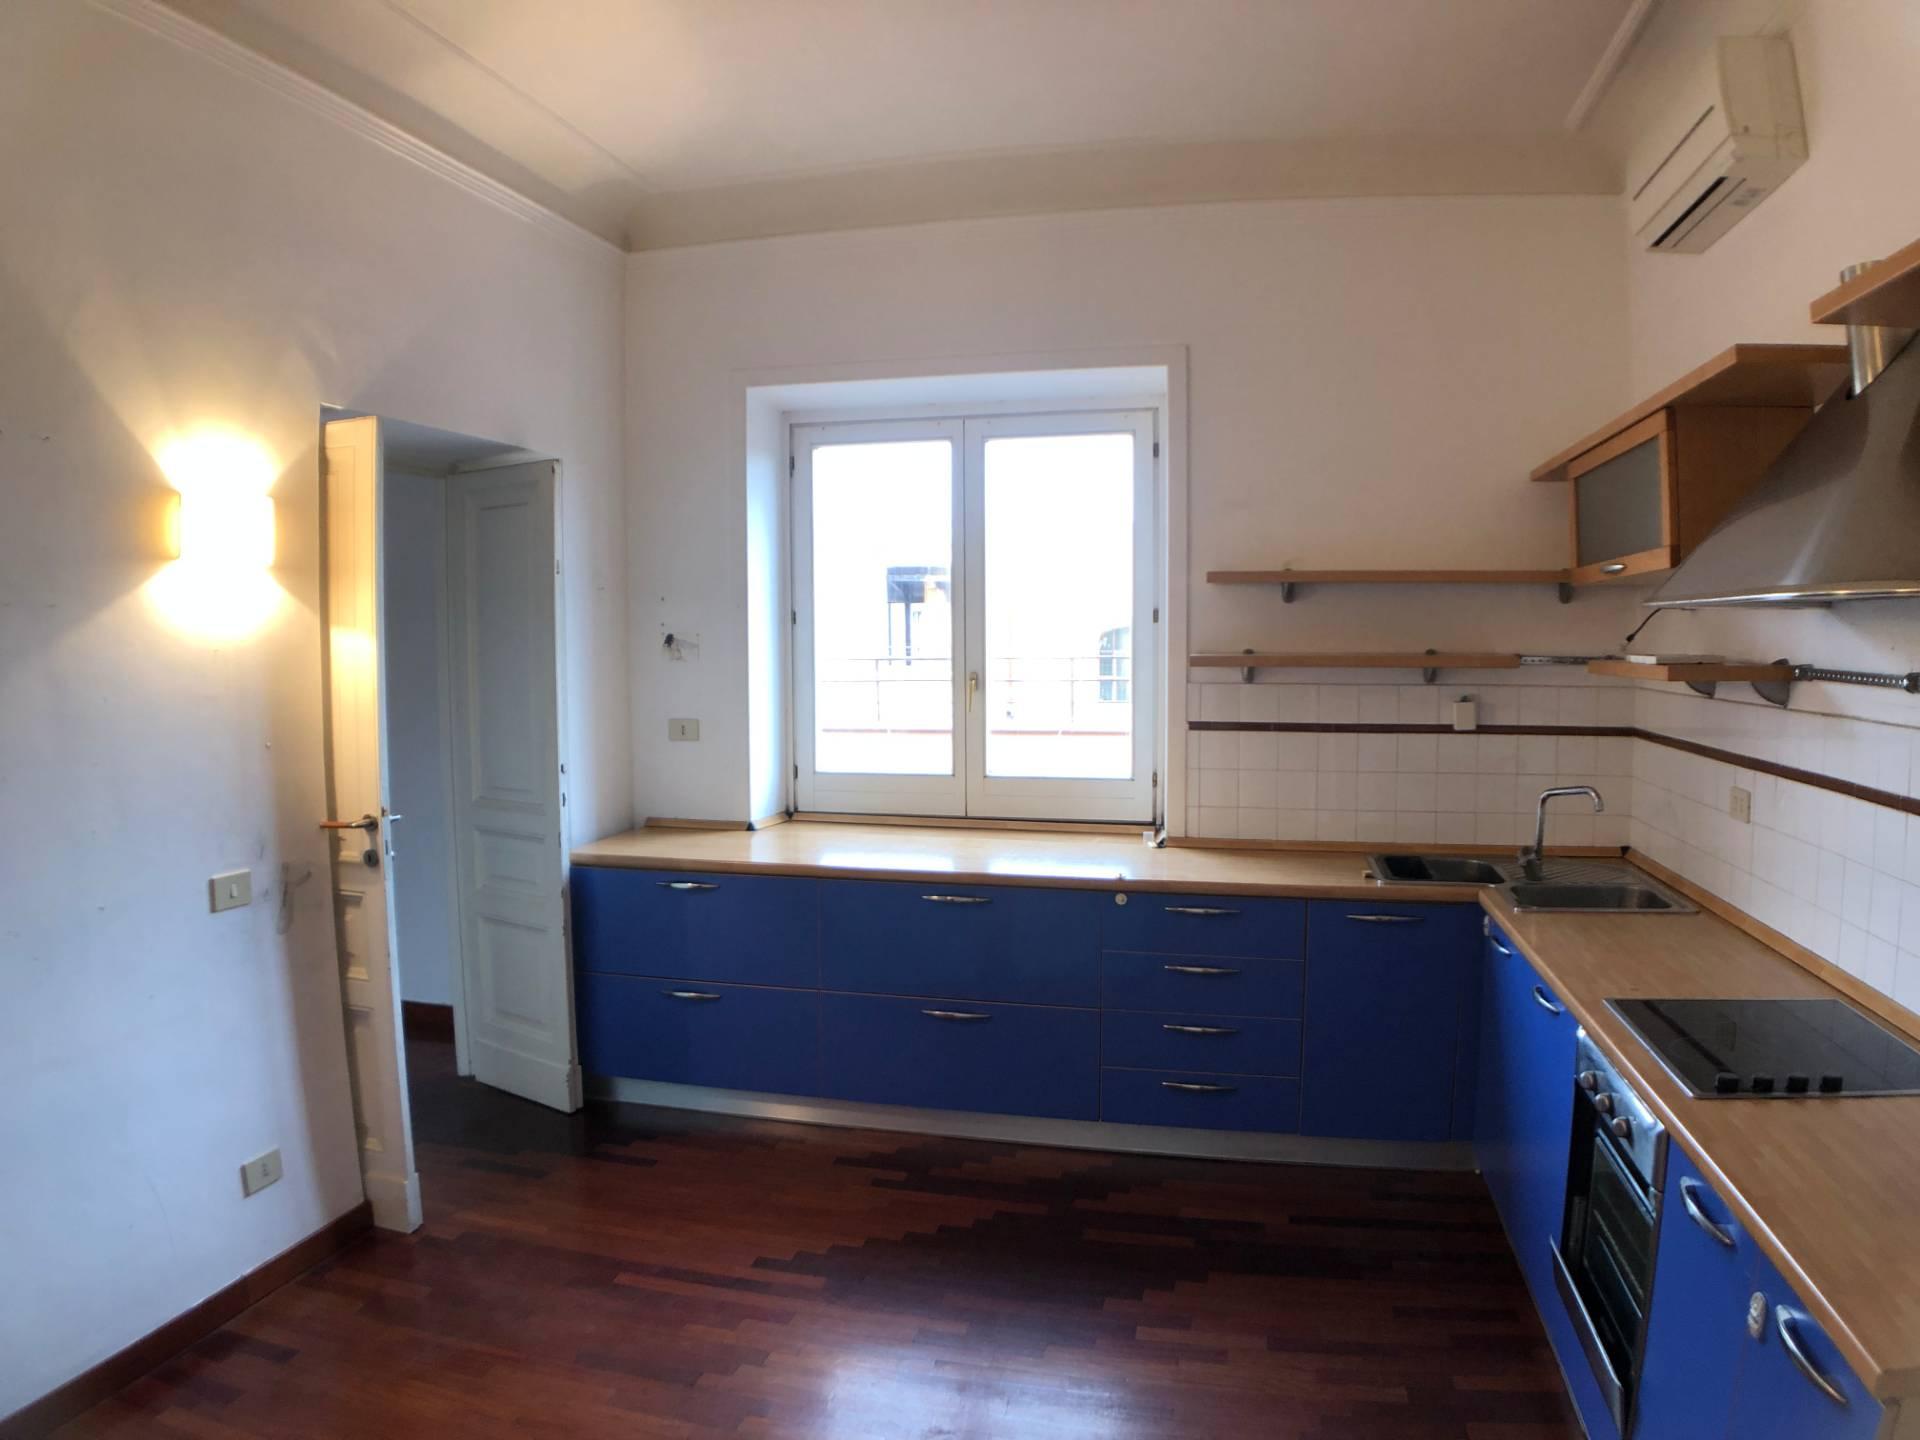 Appartamento di lusso in affitto a roma via nomentana for Locali roma affitto